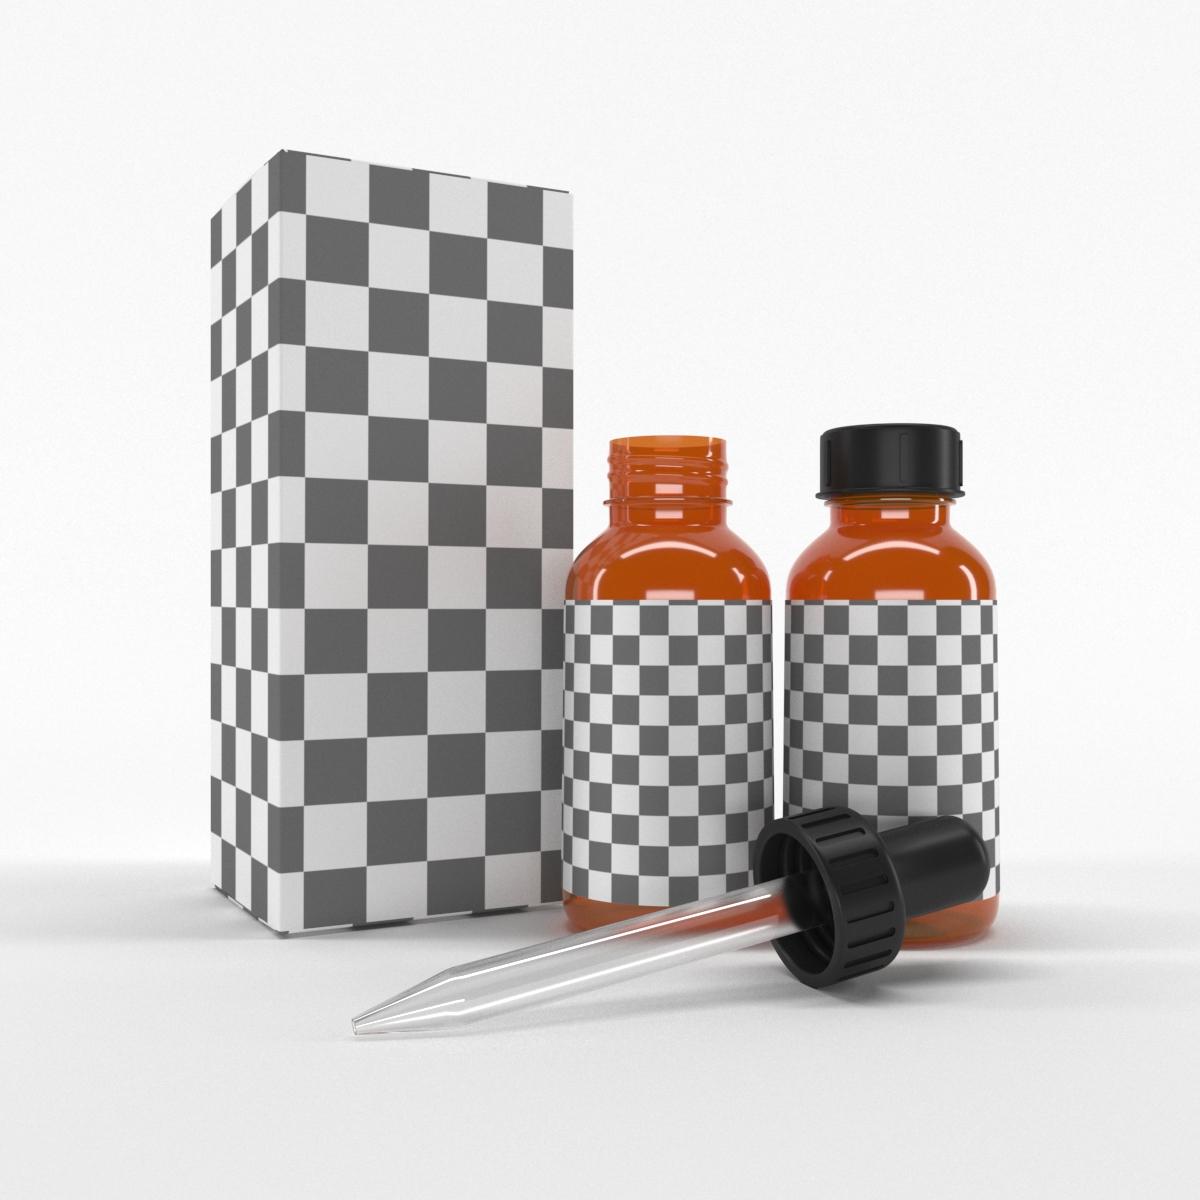 Dropper Bottle & Box 3D model